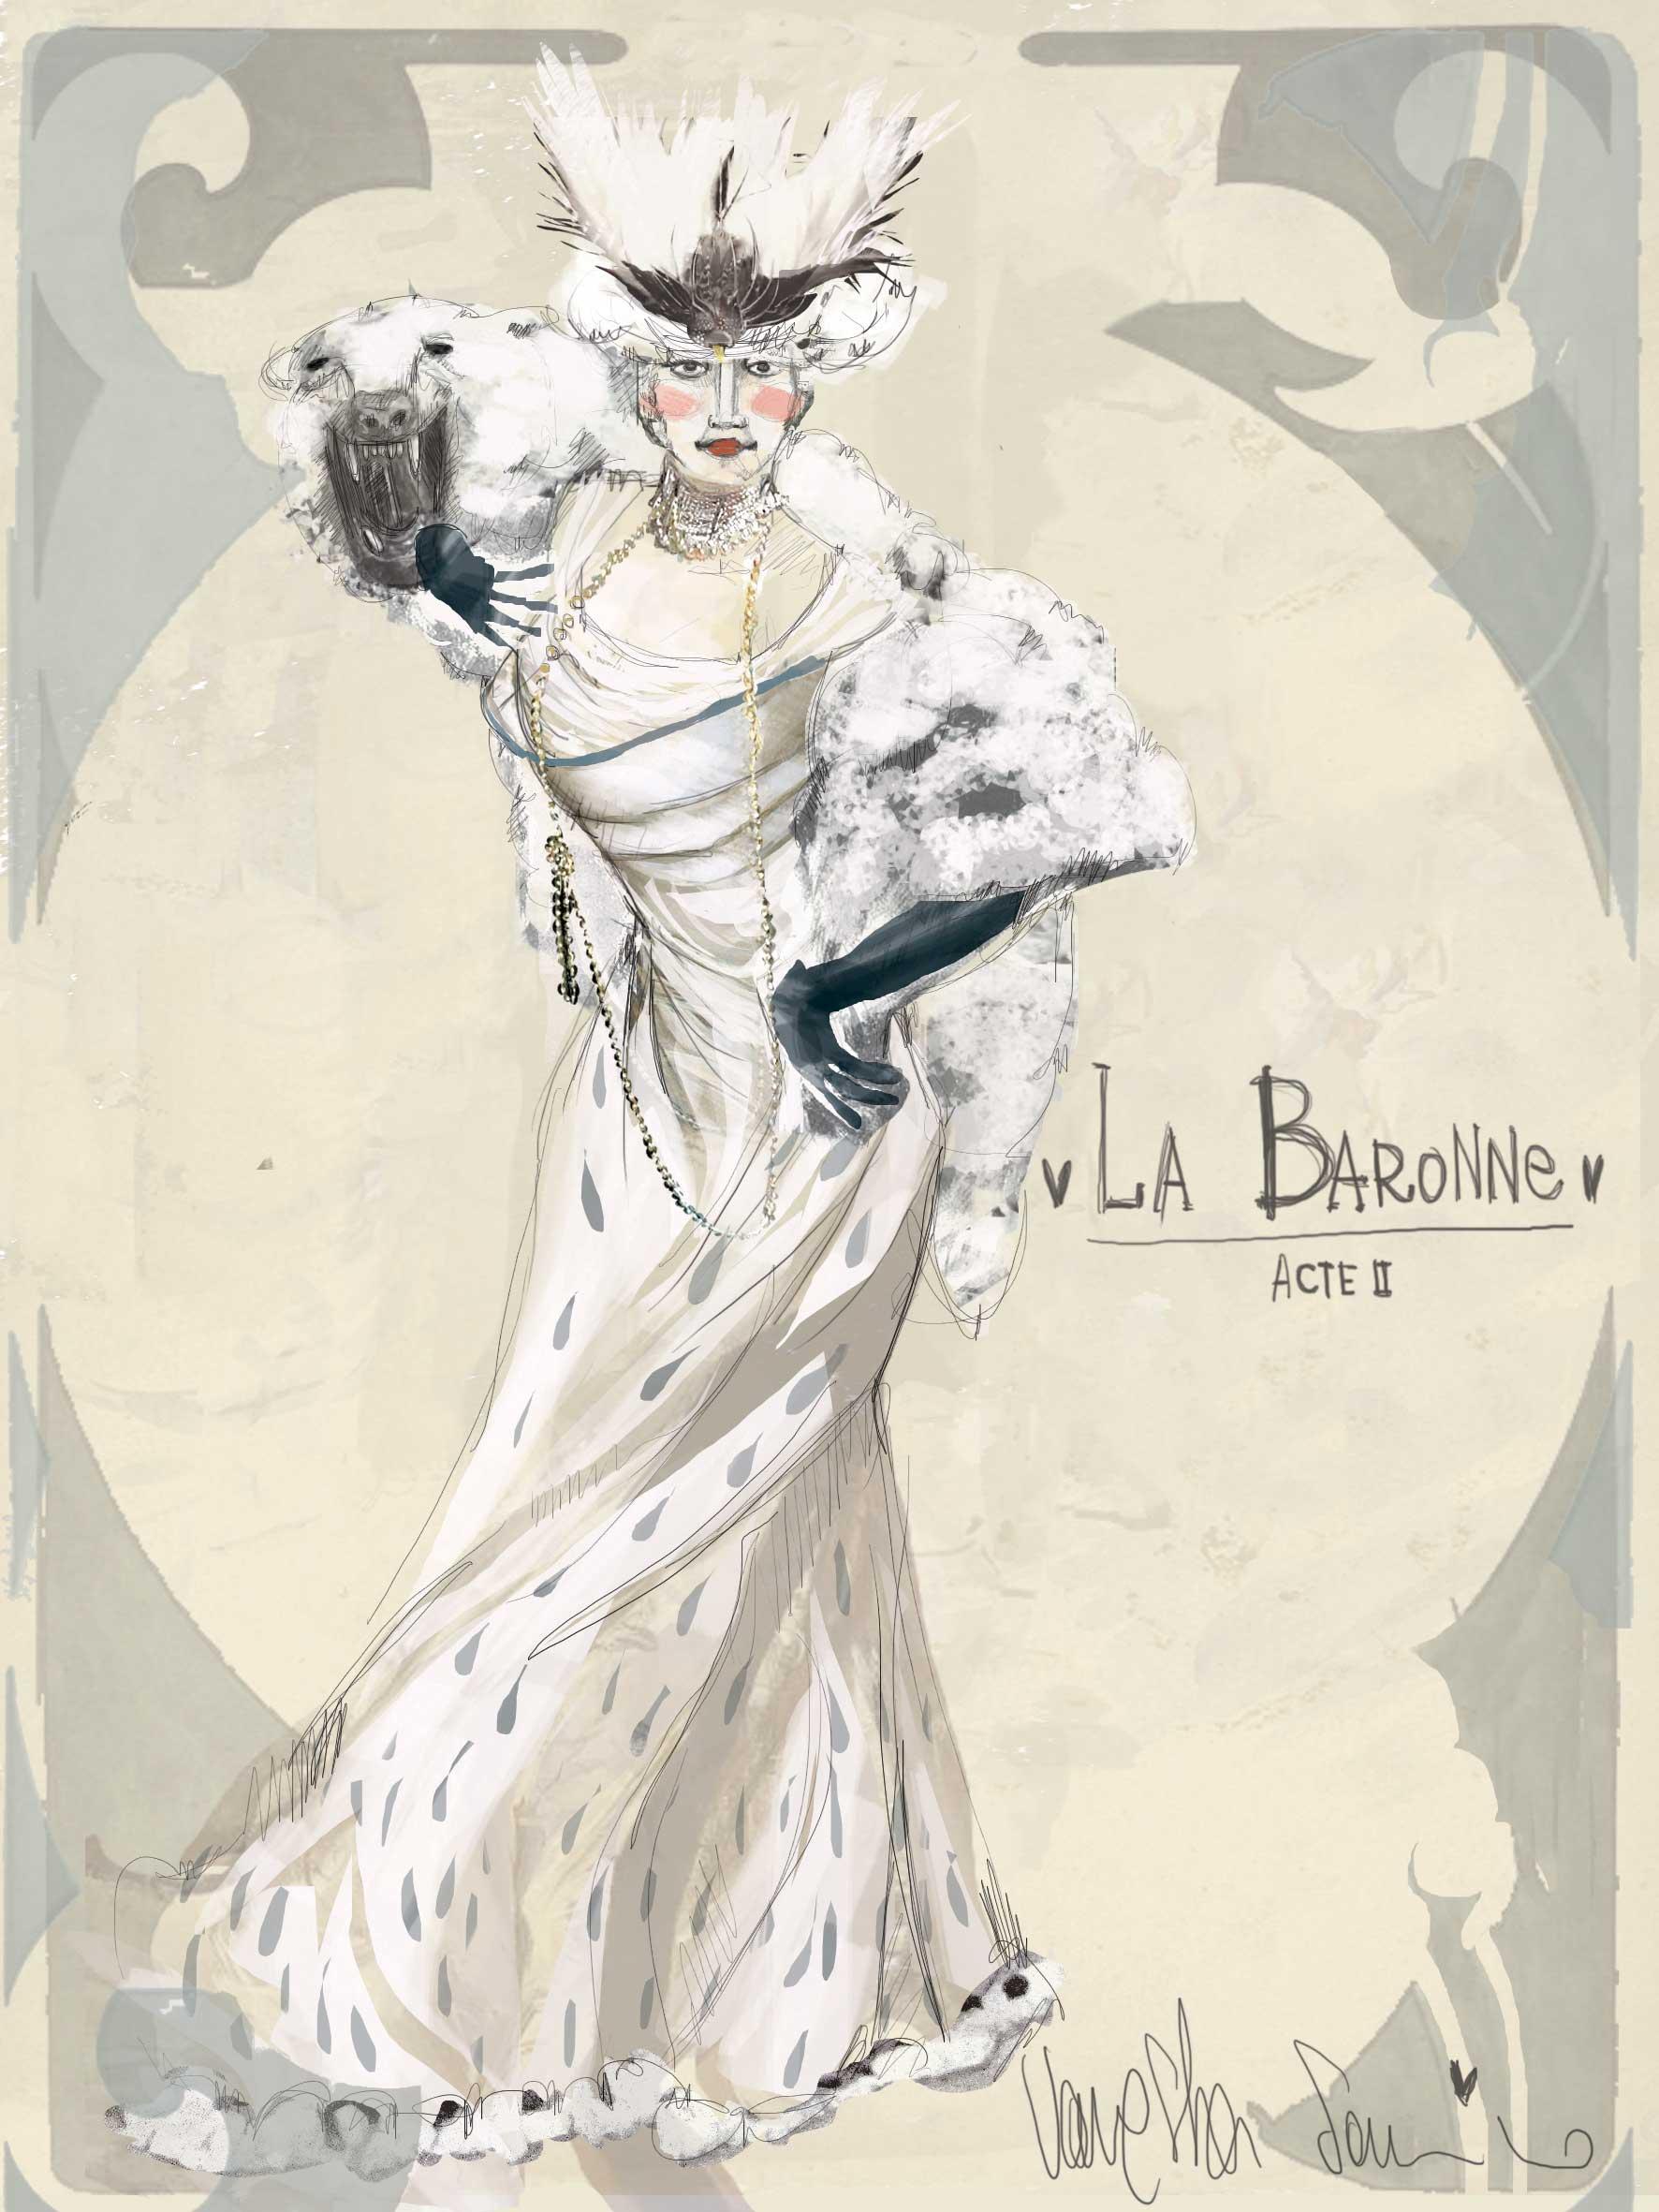 la-baronne-act-II.jpg